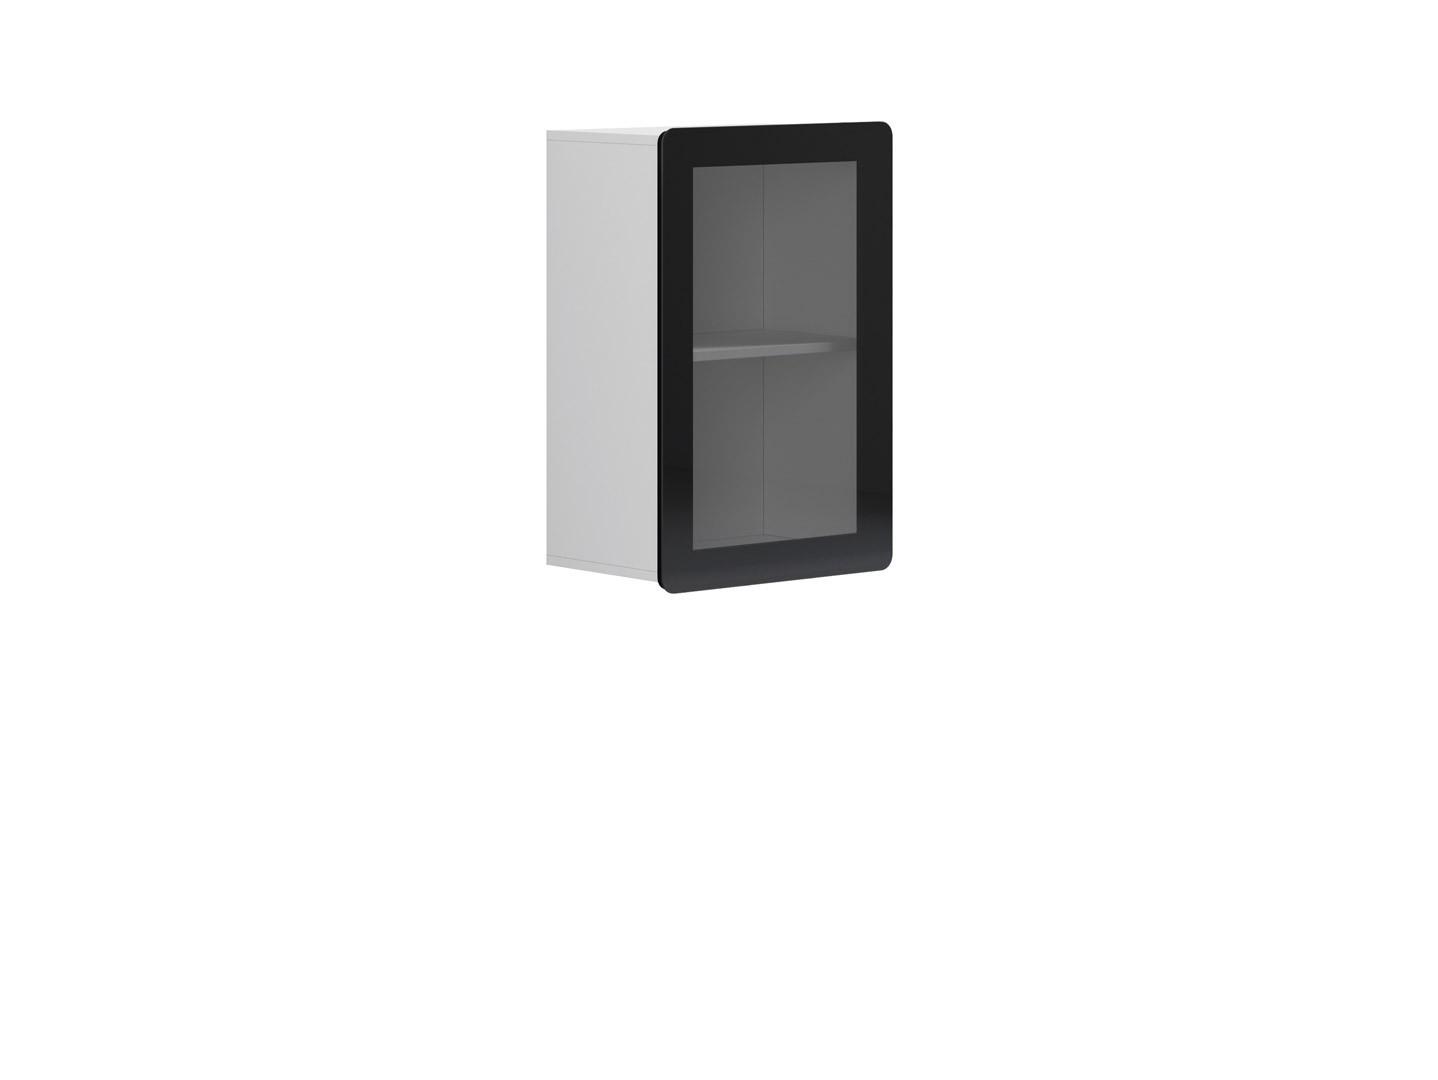 Vitrína na zeď - BRW - Possi Light - SFW1W/8/5 (bílá) (s osvětlením)